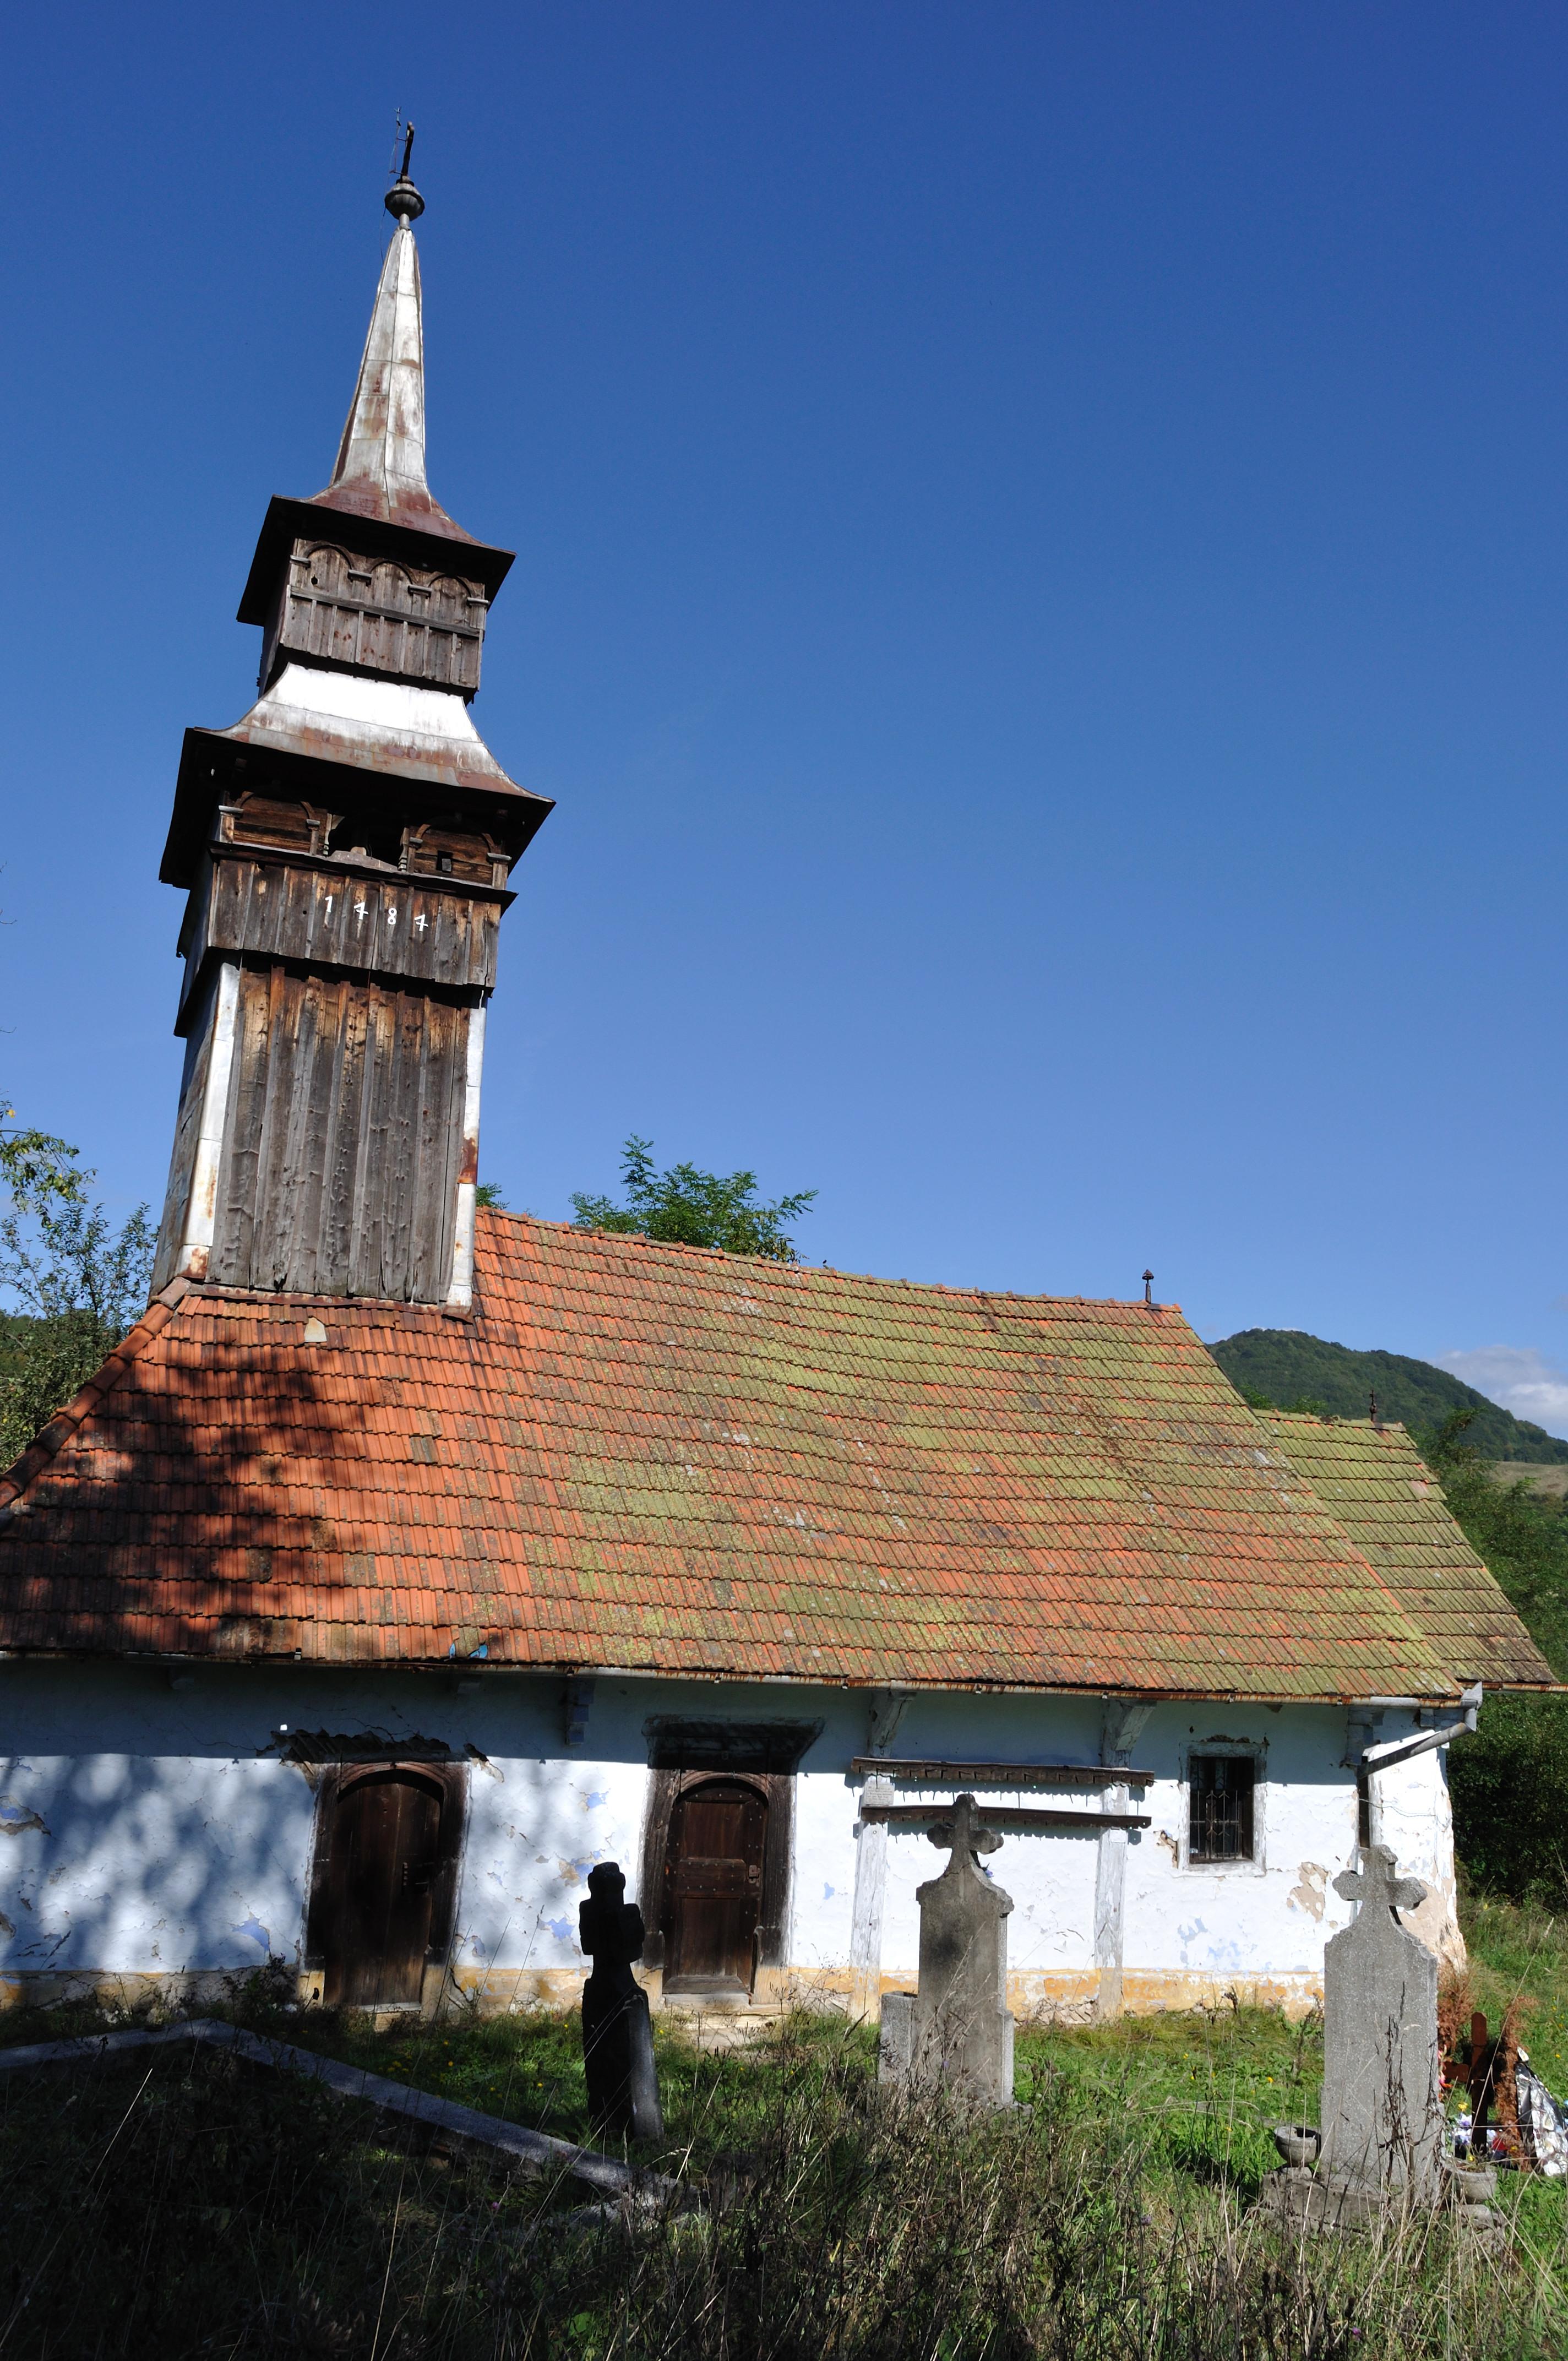 Vălișoara (Balșa), Hunedoara